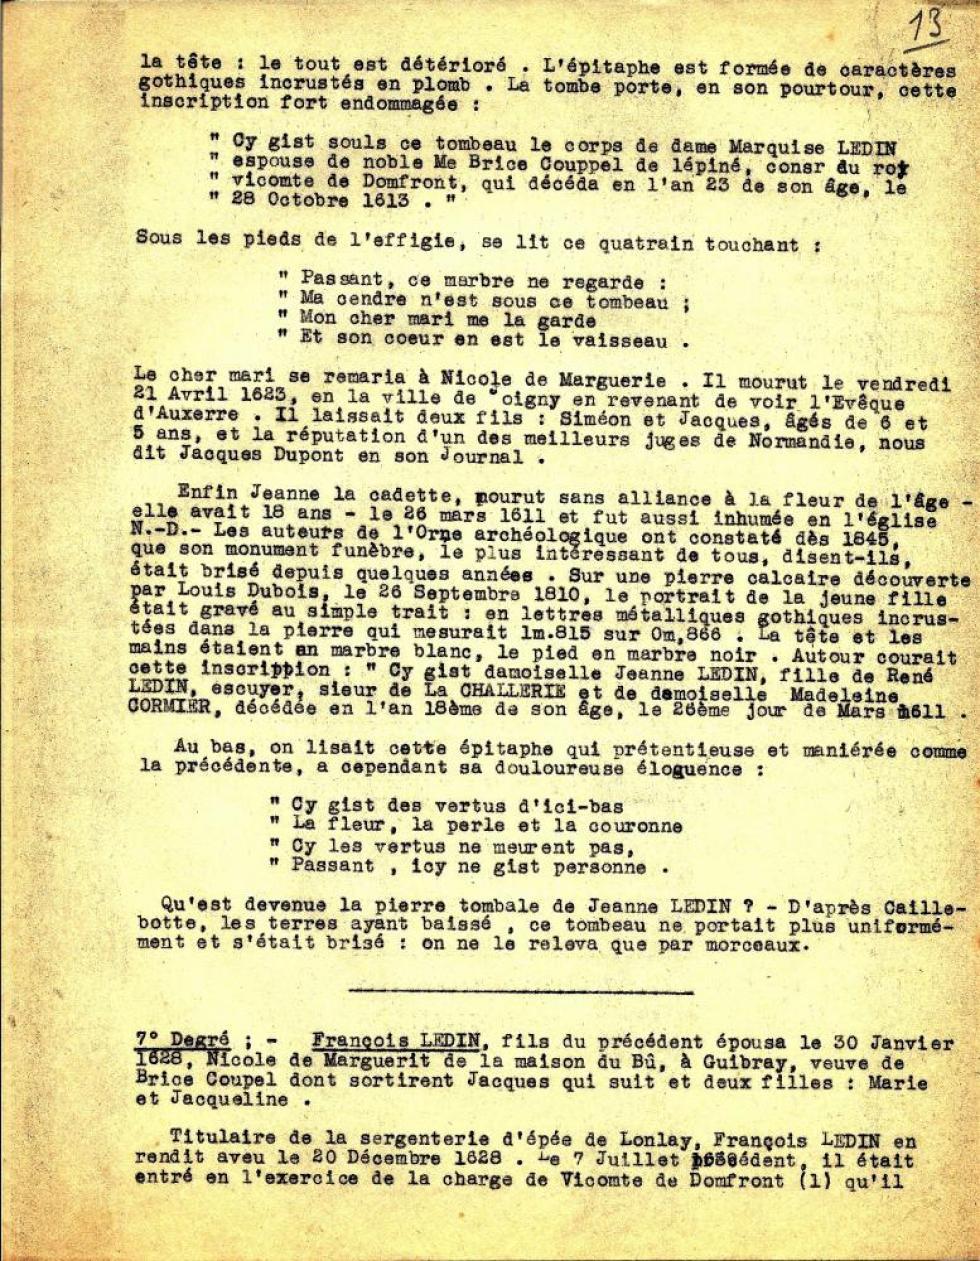 Extrait de l'exemplaire de l'ouvrage de Louis GRAVELLE qu'eut en mains Henri LEVEQUE.